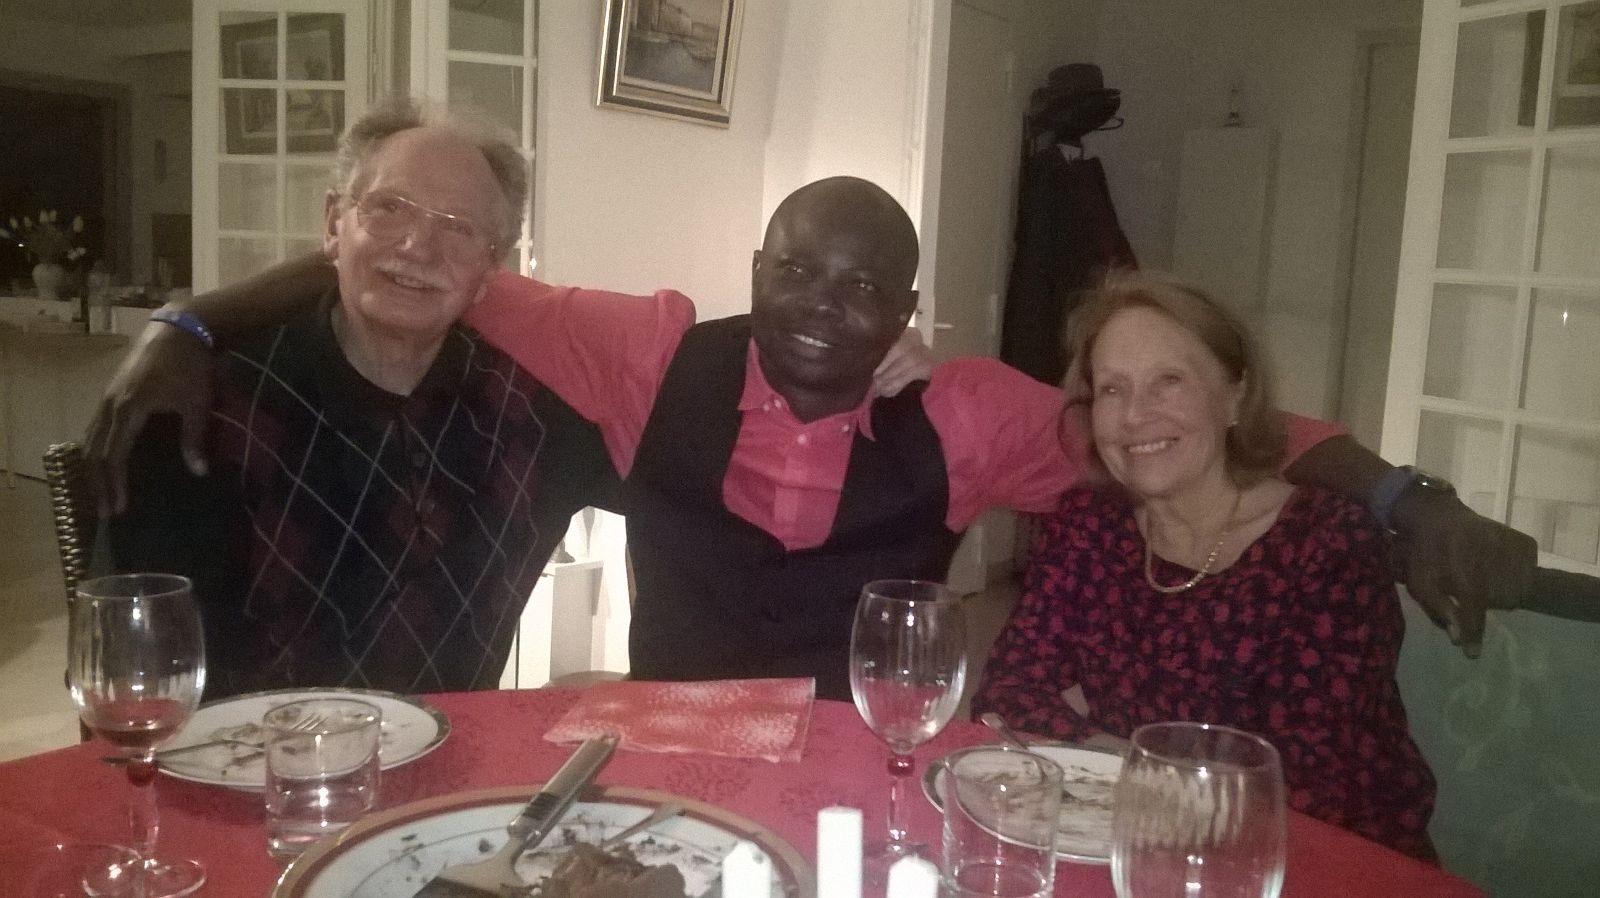 photo-1-rodrigue-a-fete-ses-32-ans-le-23-novembre-2016-avec-sa-famille-daccueil%2c-michel-et-marie-jose-lafouasse-credit-dr